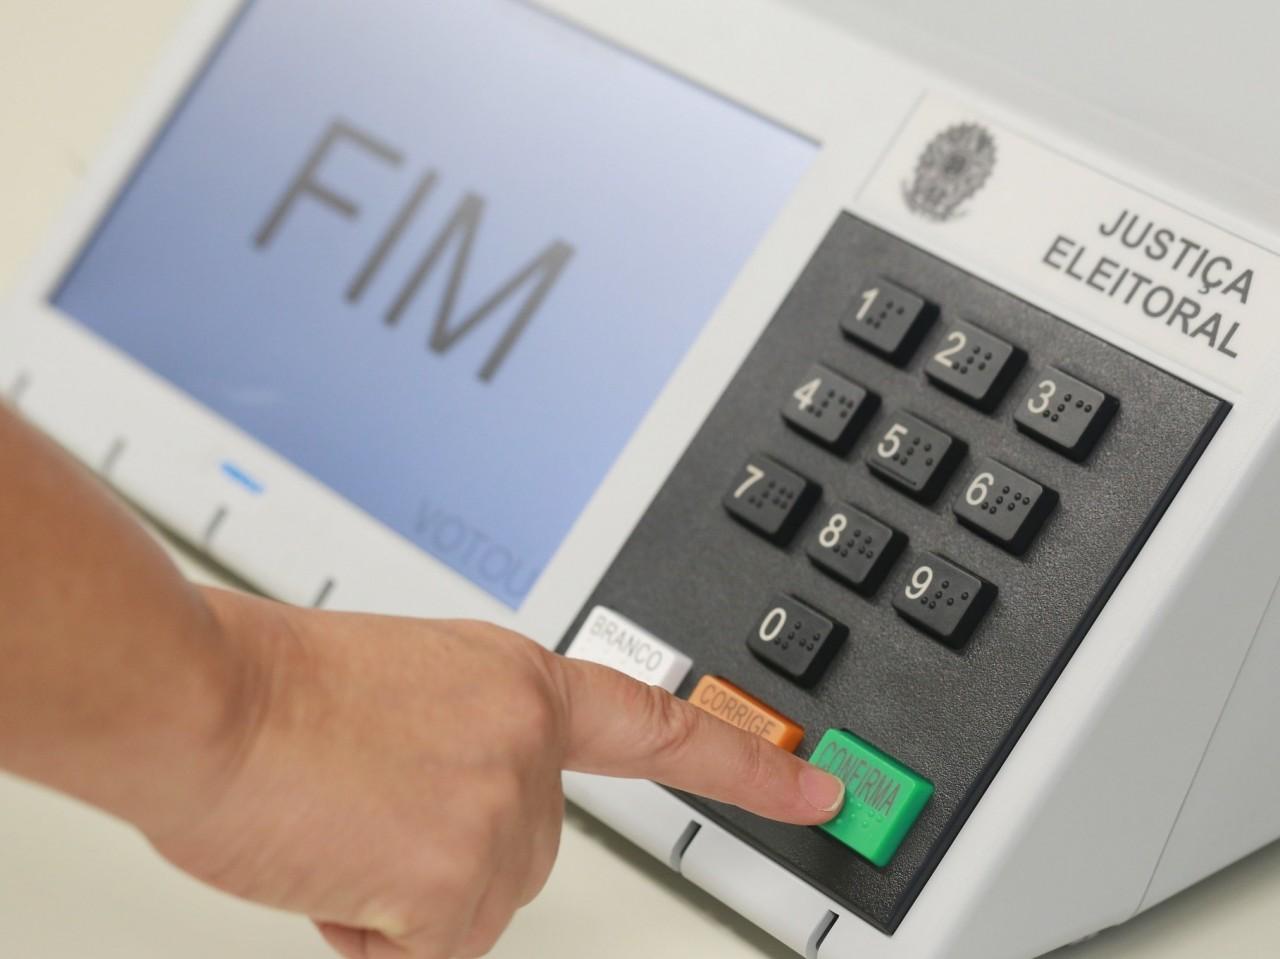 urna eletronica 1626111170444 v2 4x3 - Derrota do voto impresso enterra impeachment de Bolsonaro